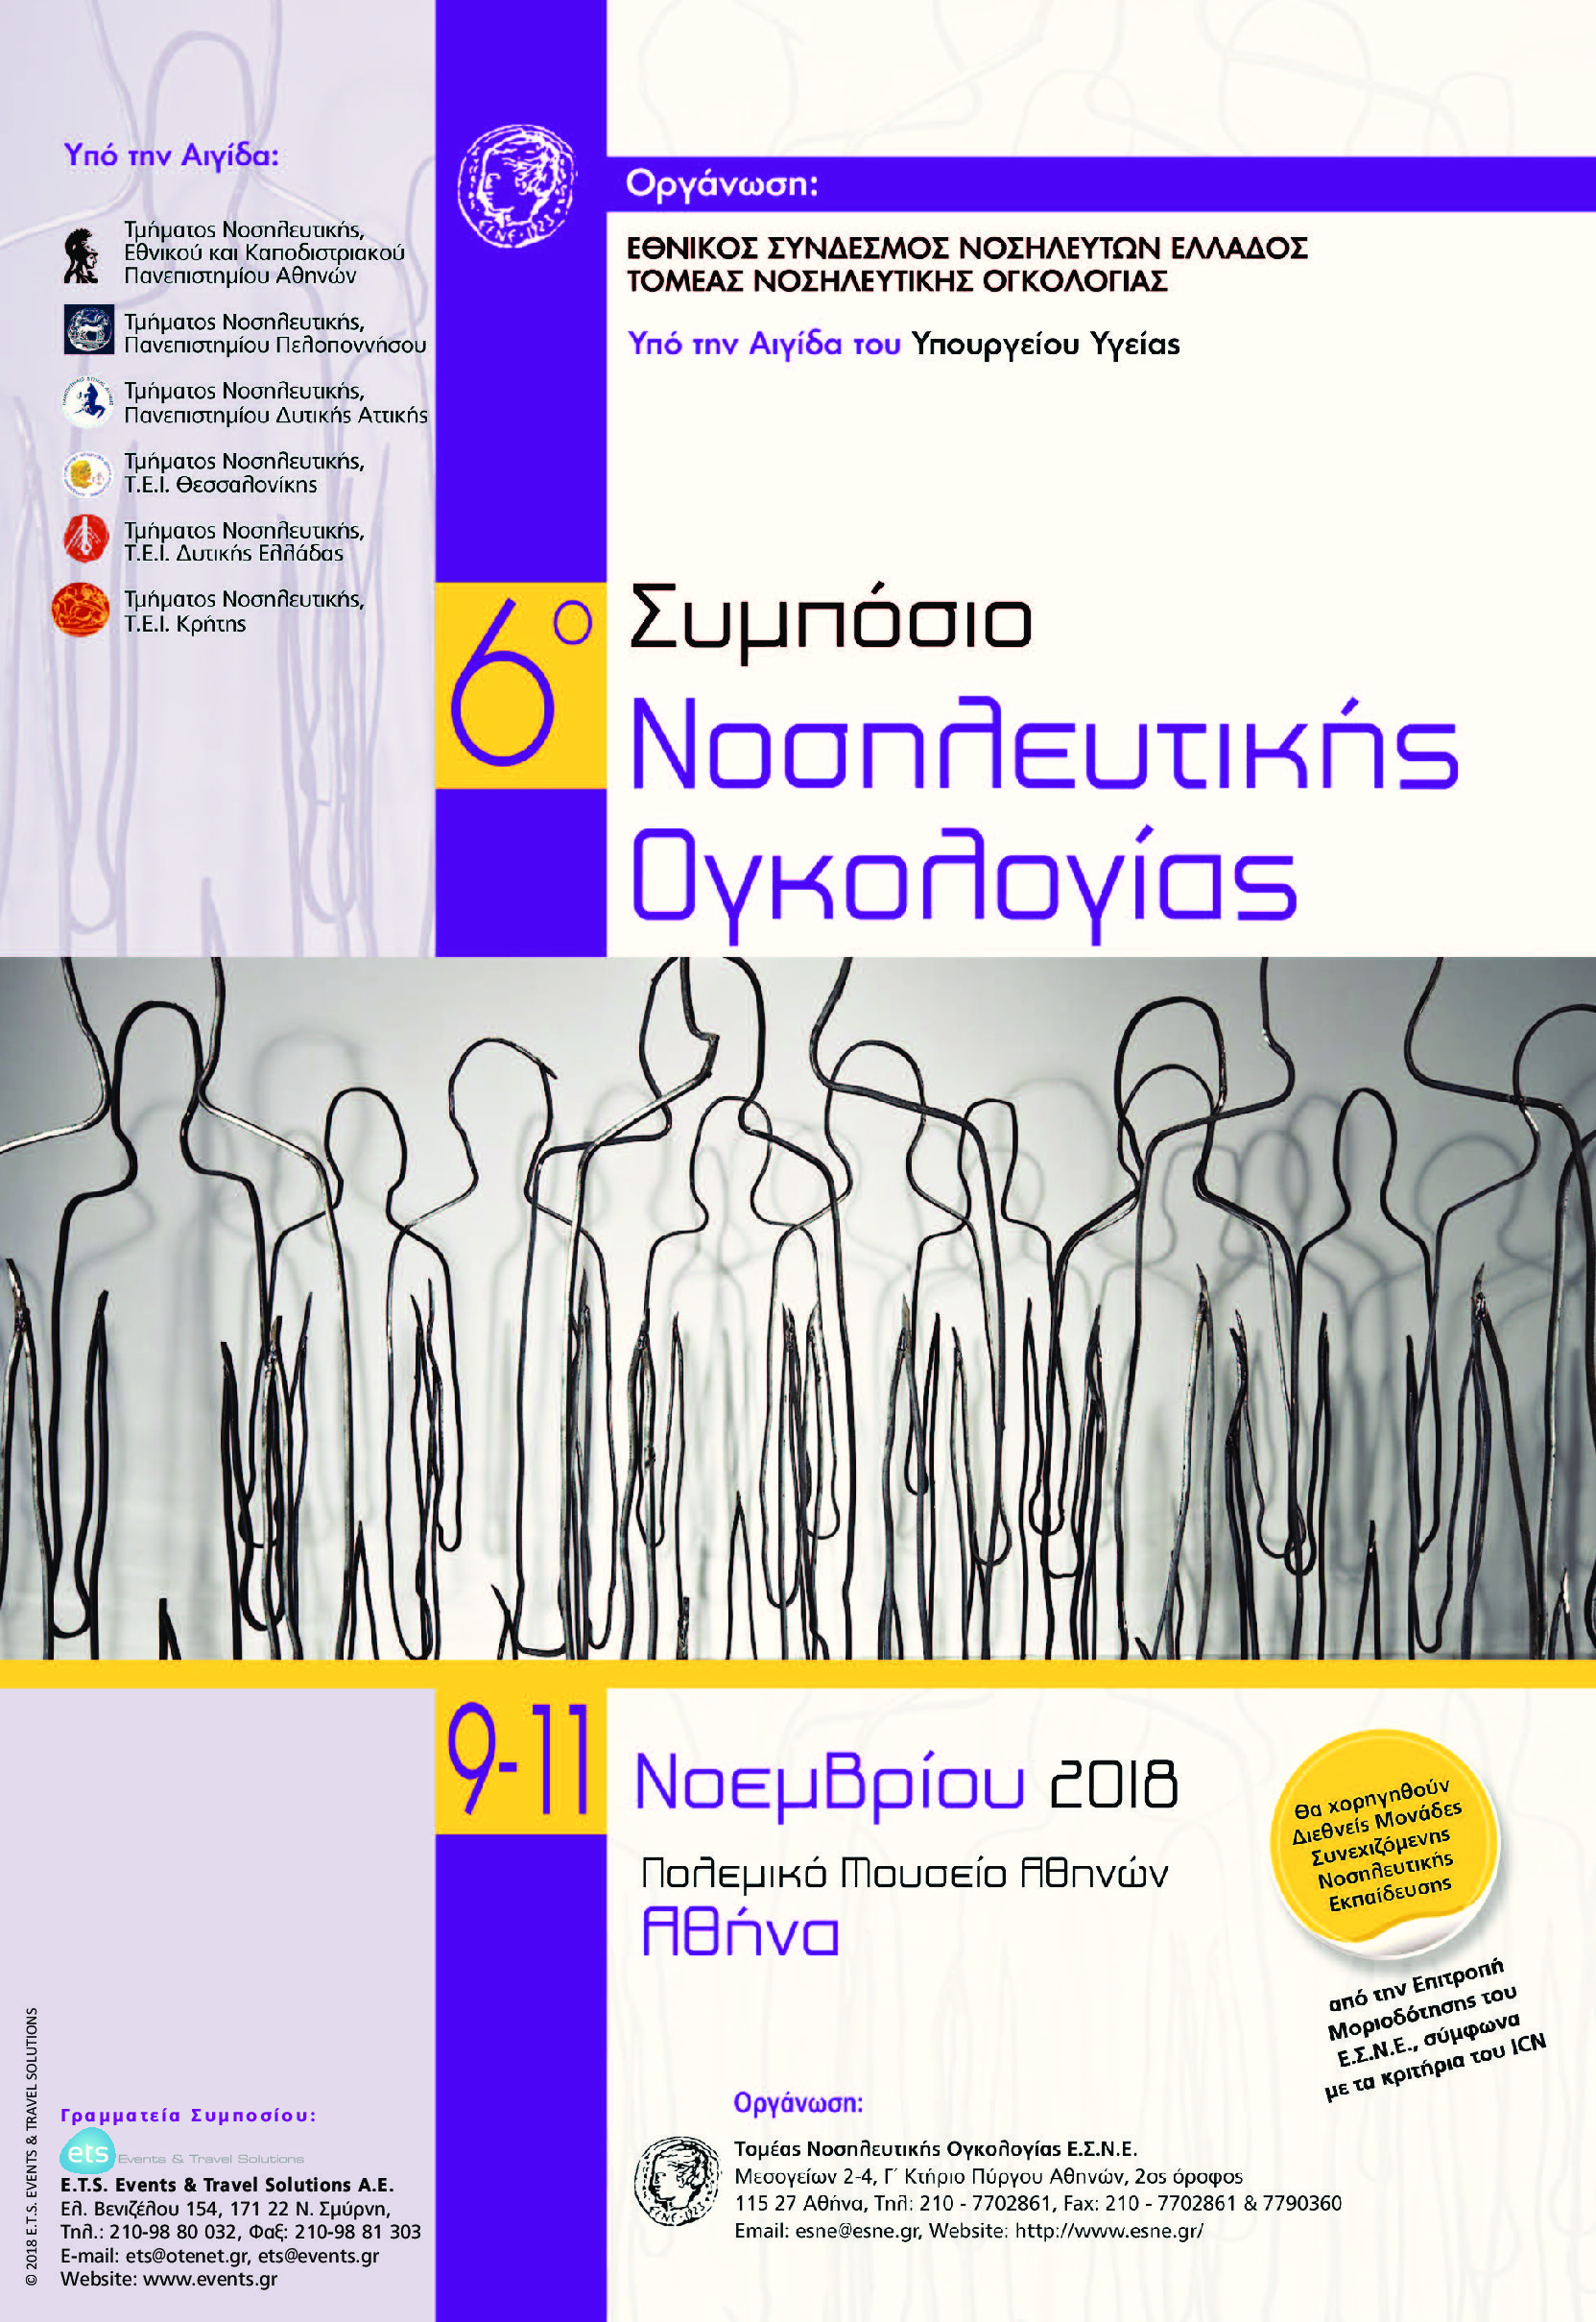 Παρουσία της Εταιρείας στο 6ο Συμπόσιο Νοσηλευτών Ογκολογίας